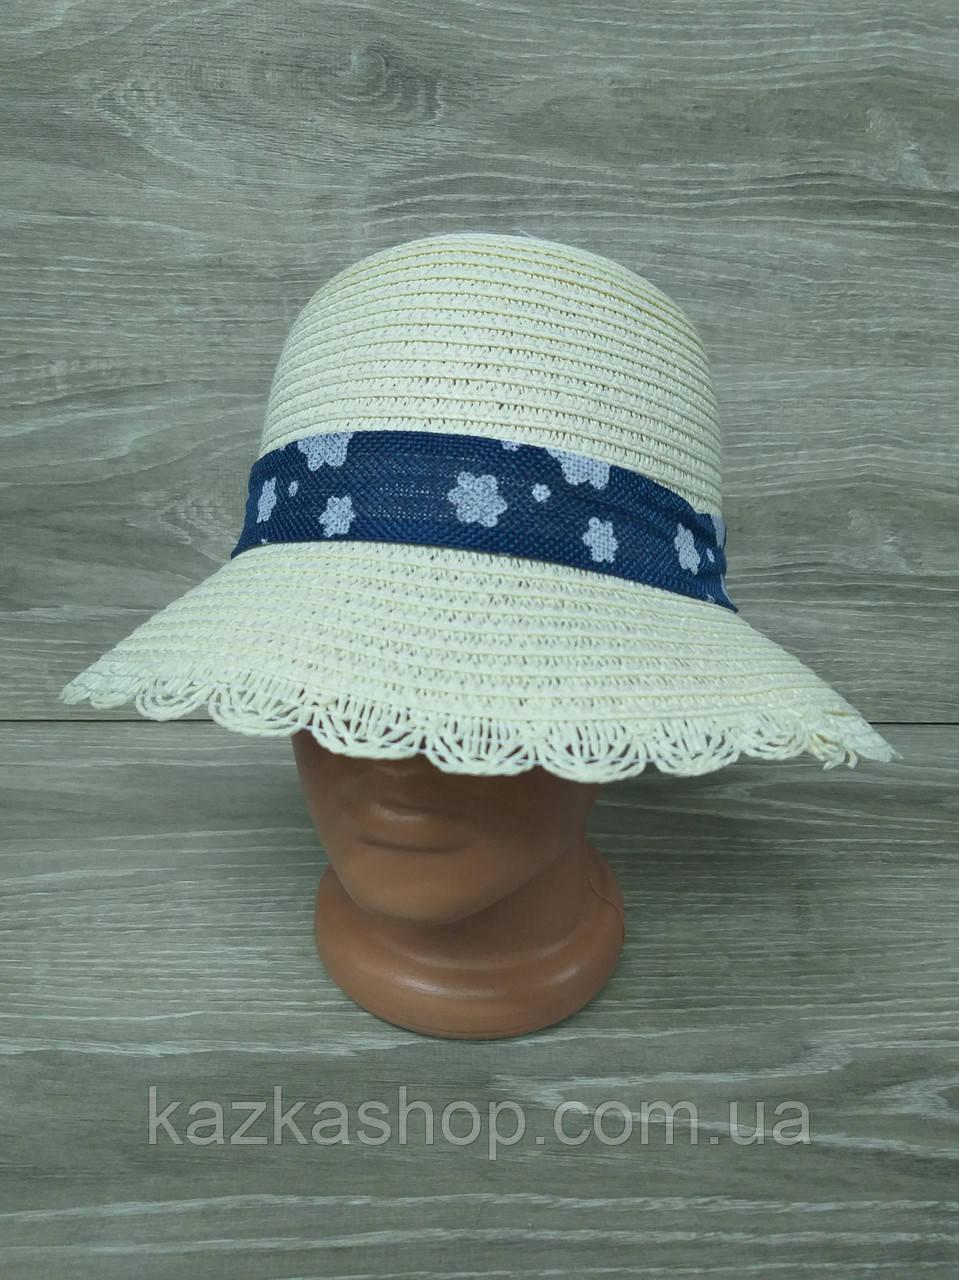 Женская соломенная шляпка с узкими полями, декоративная вставка по кругу тульи, размер 56-58